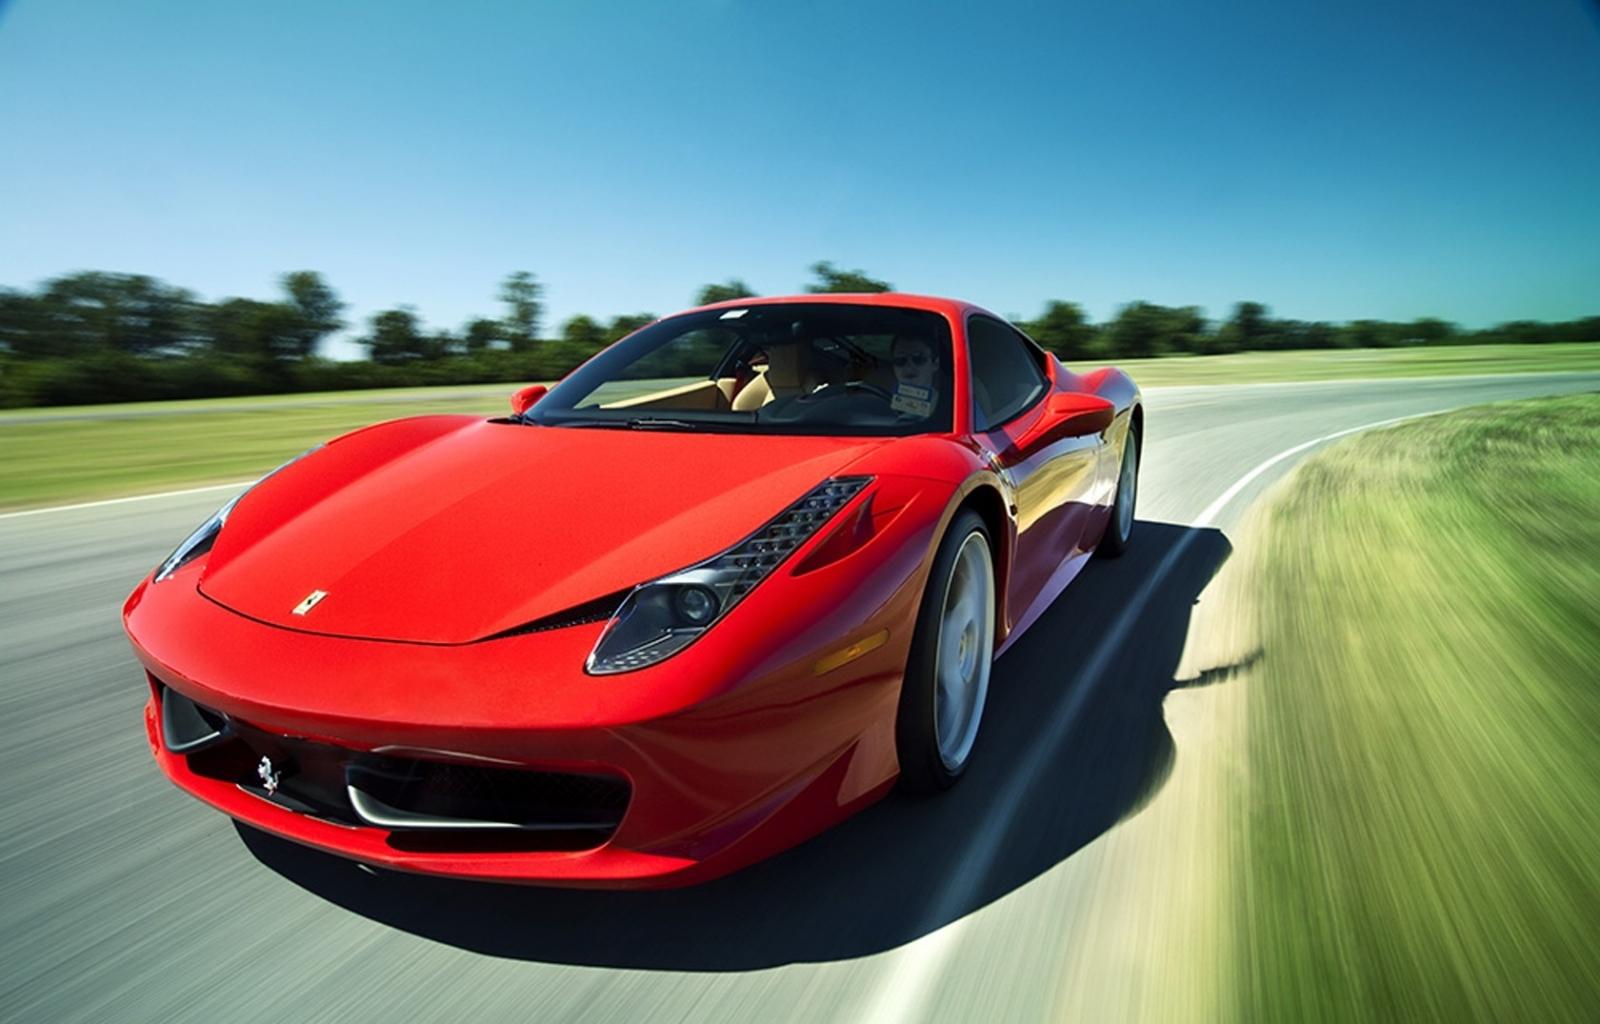 45676 скачать обои Транспорт, Машины, Феррари (Ferrari) - заставки и картинки бесплатно